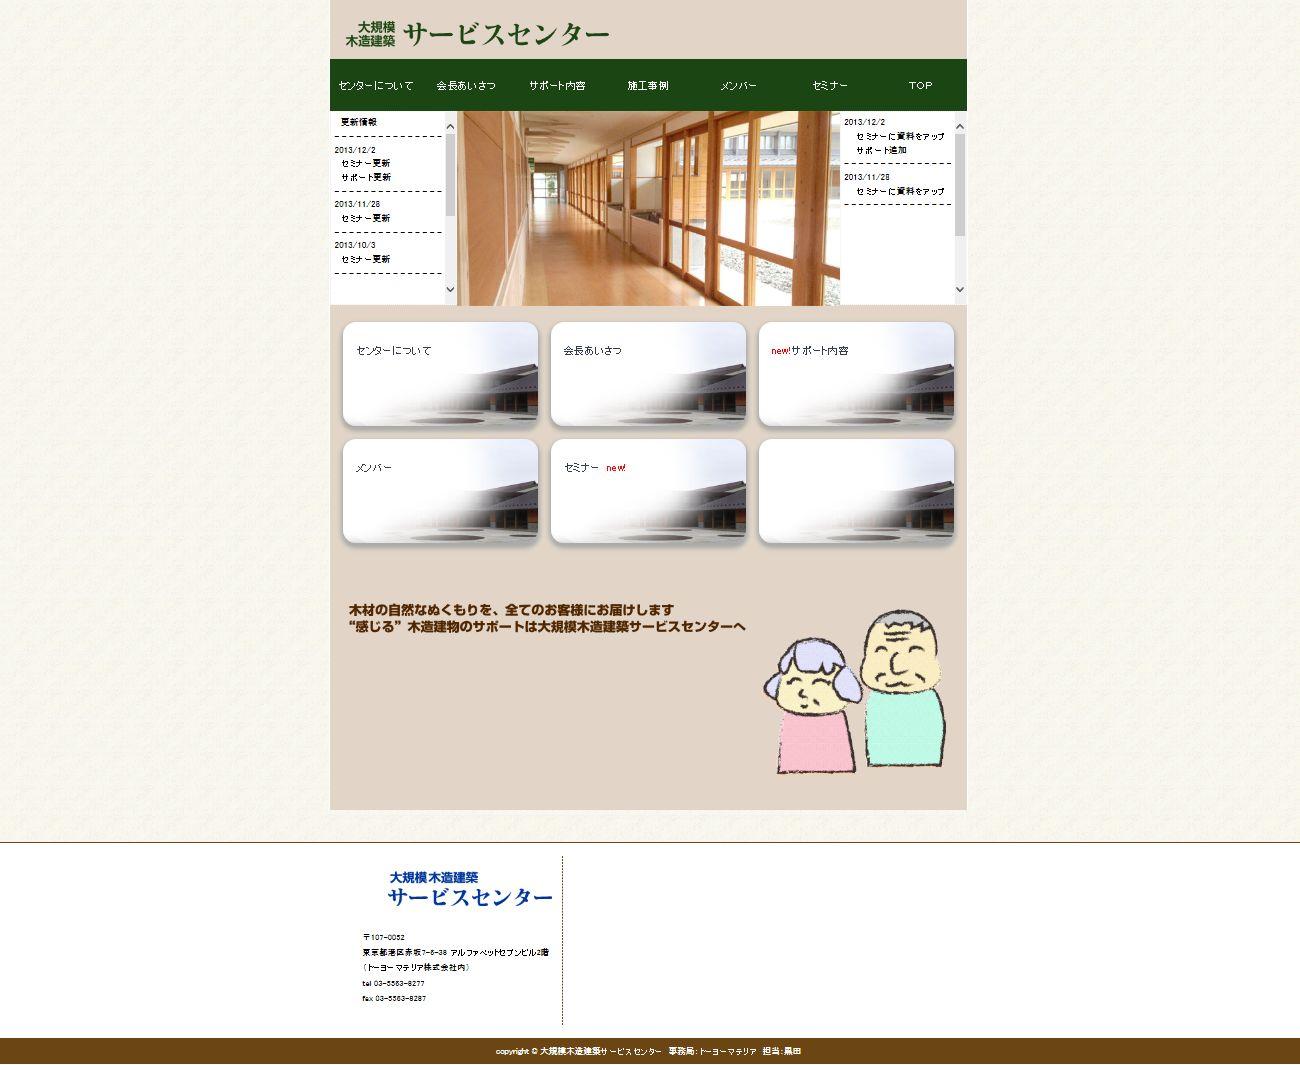 大規模木造建築サービスセンターHP